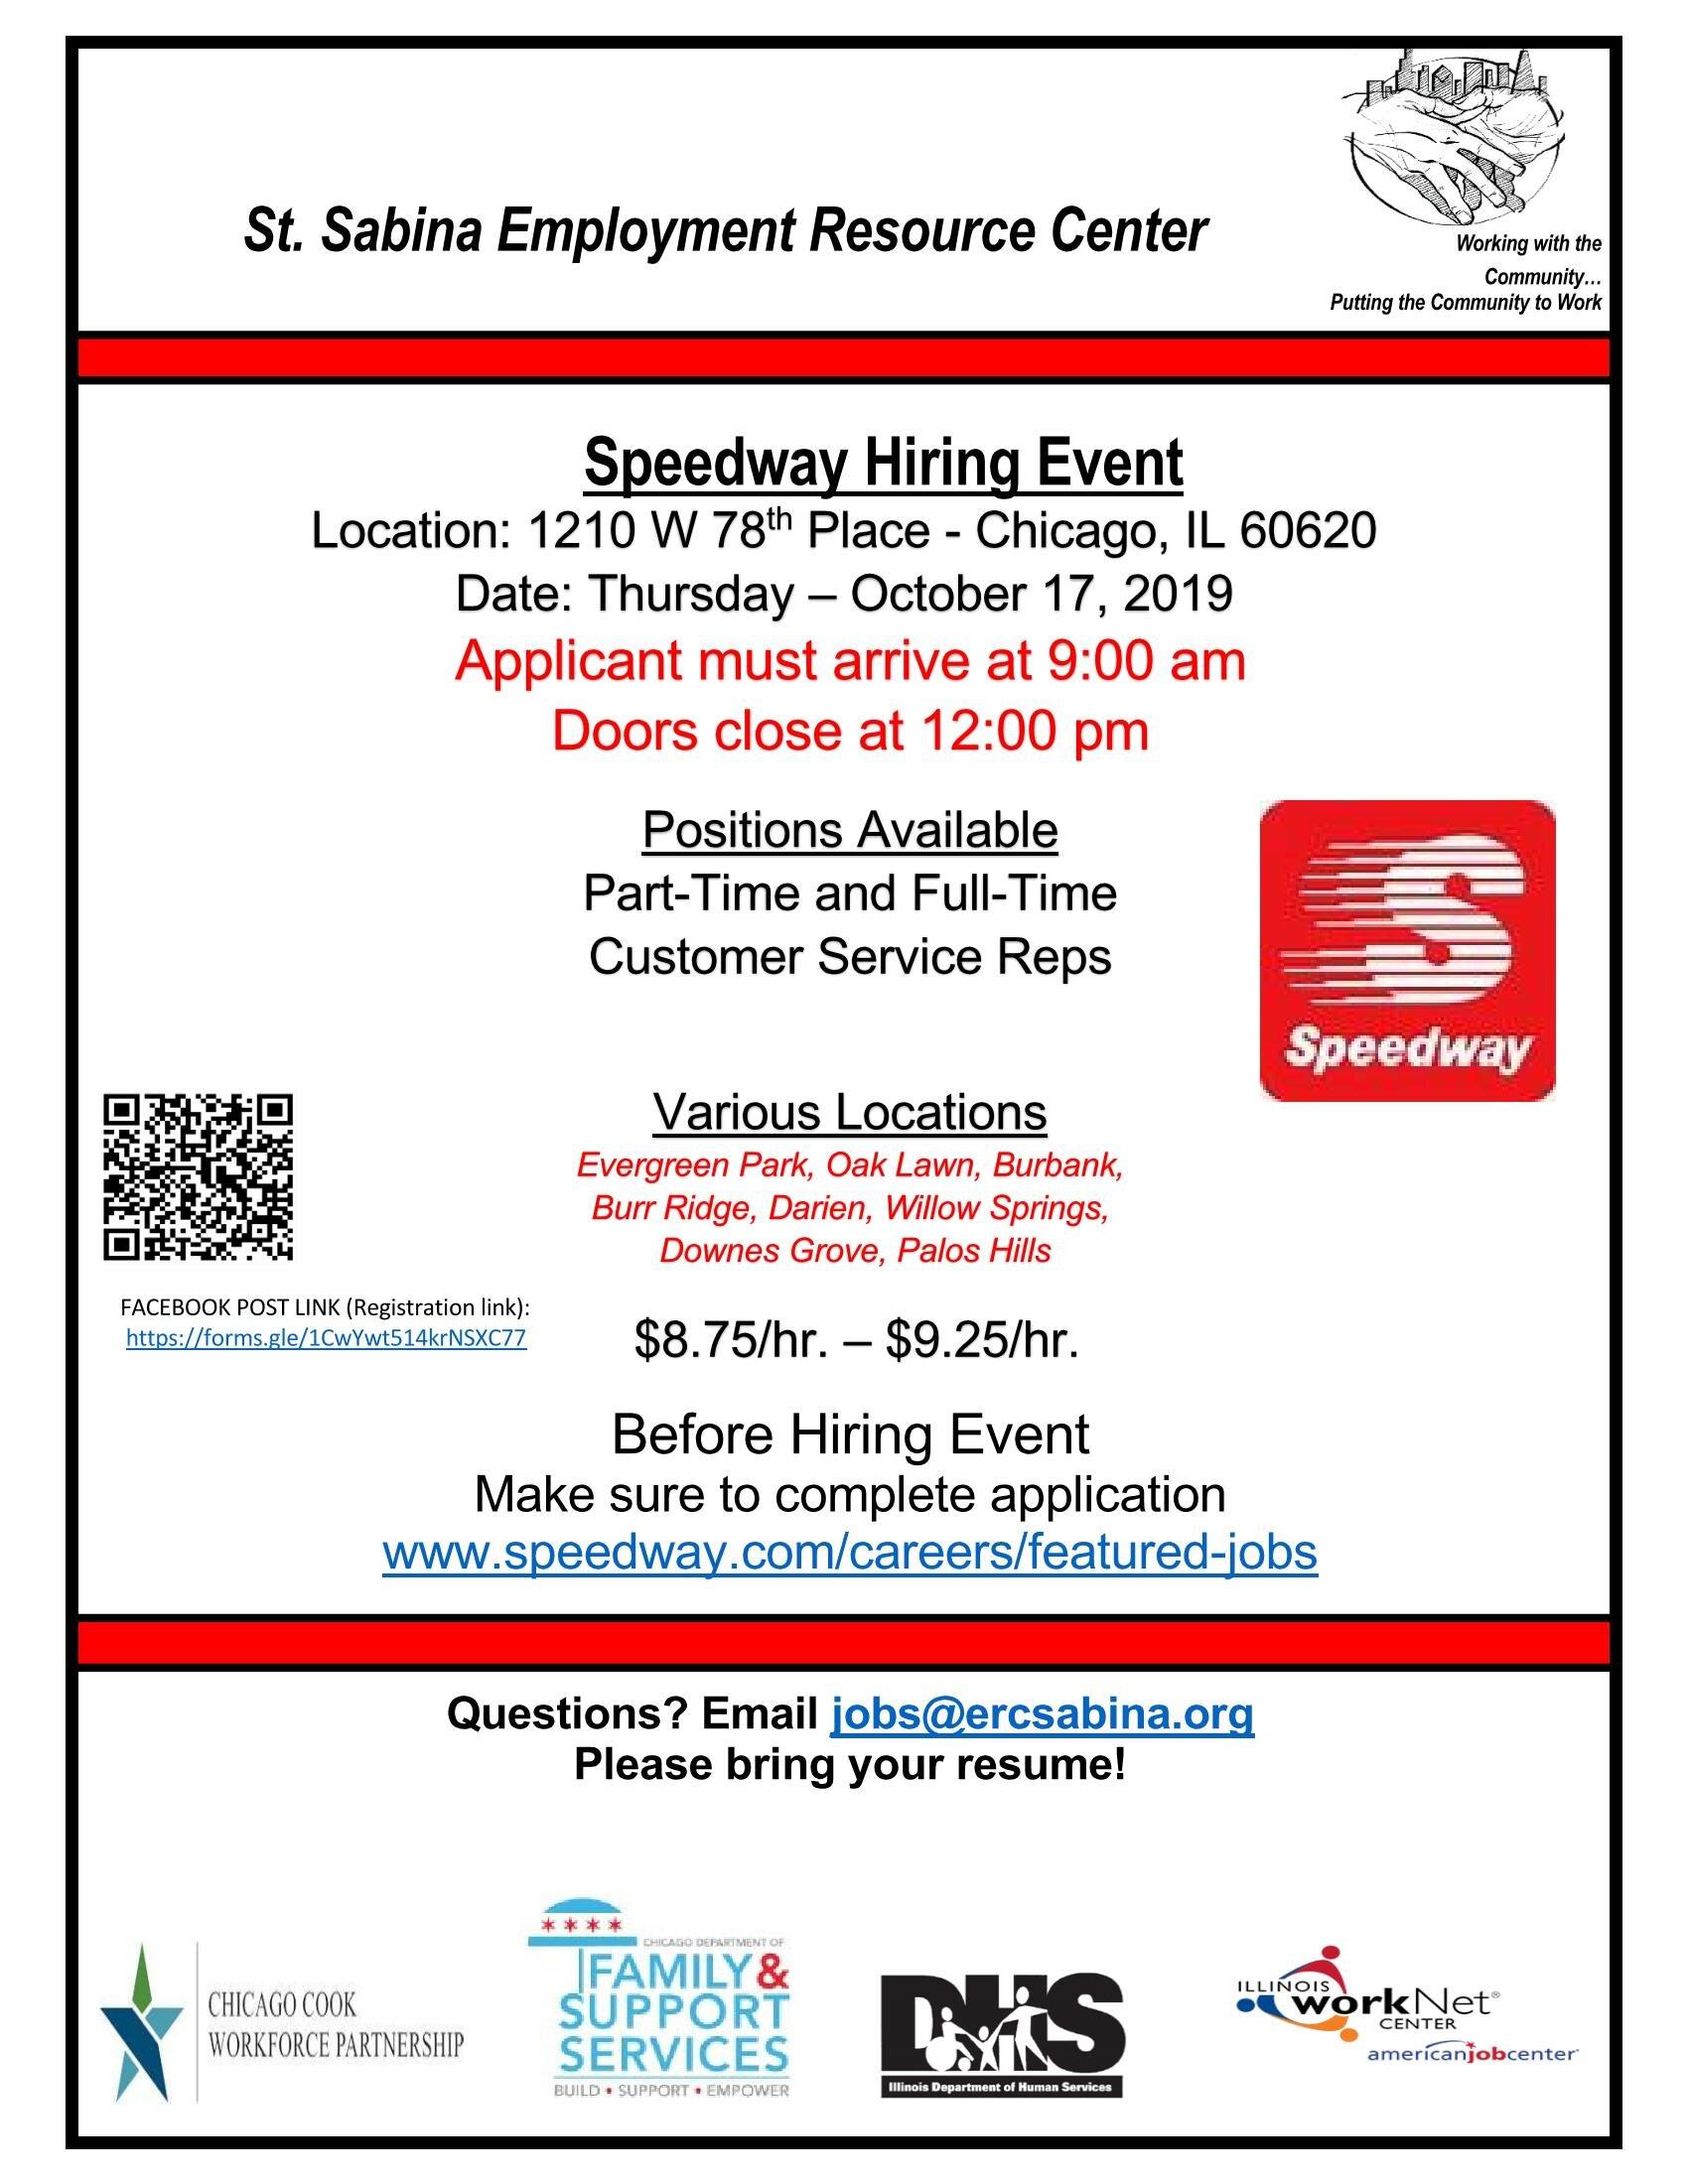 10-17-2019 Speedway Hiring Event jpeg (002).jpeg